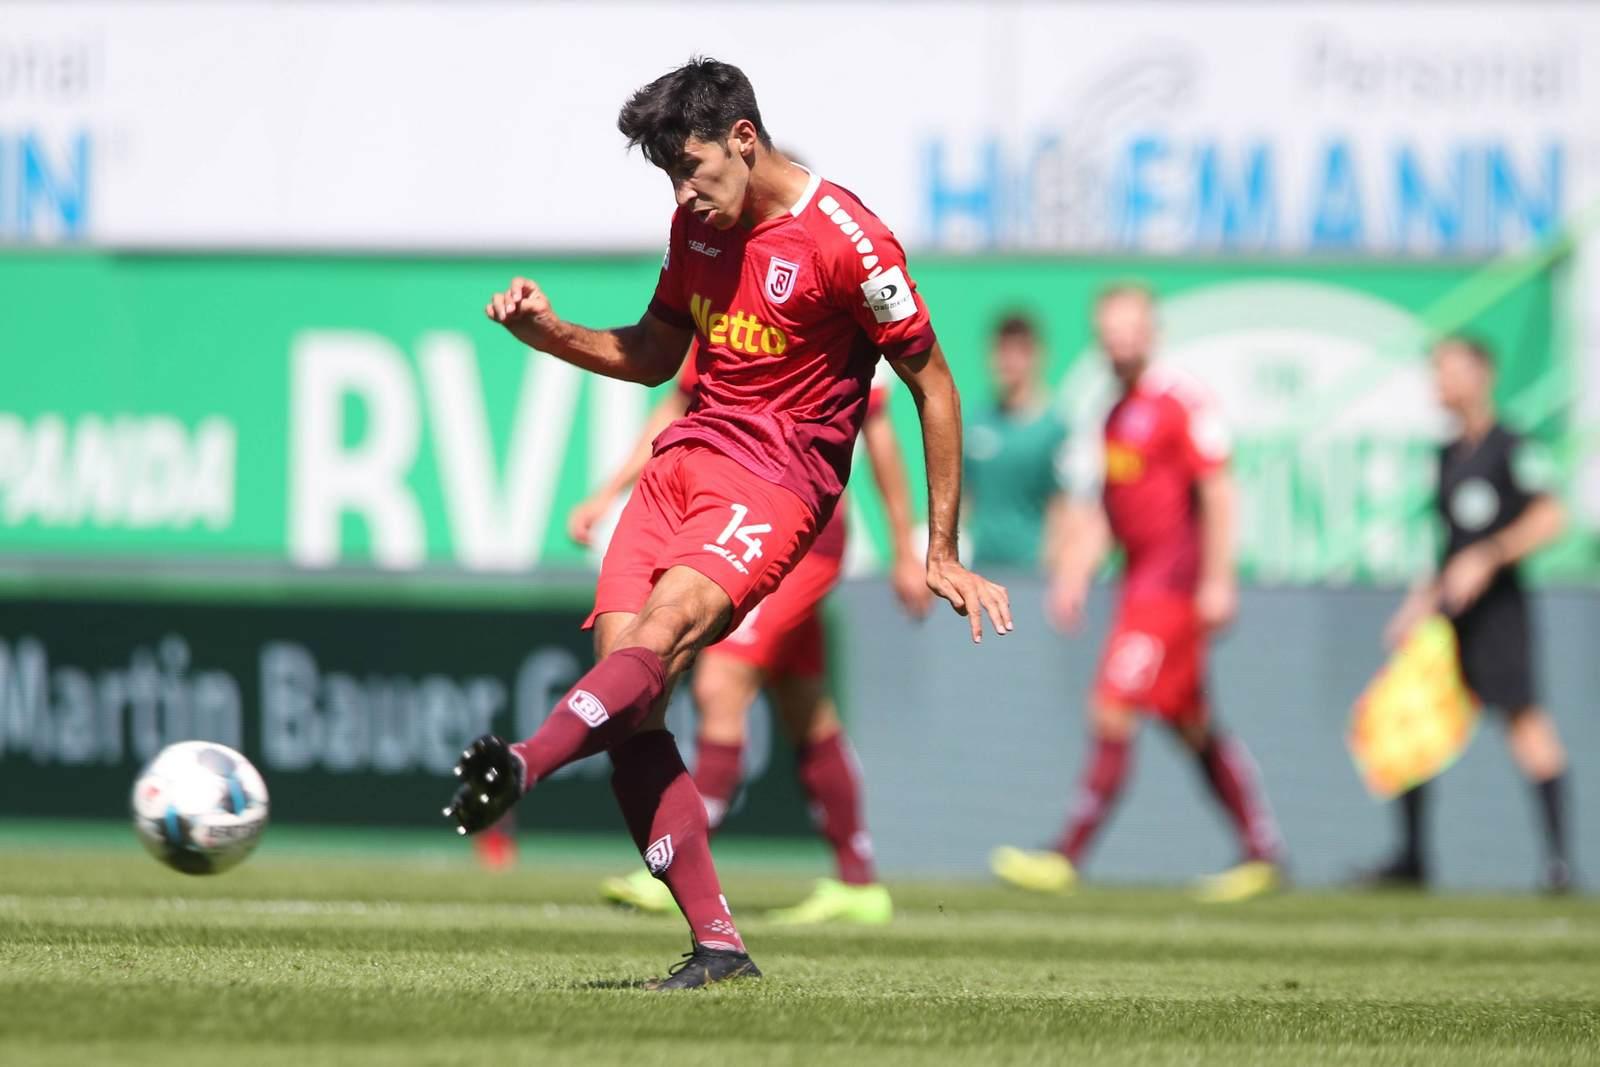 Marcel Correia passt den Ball